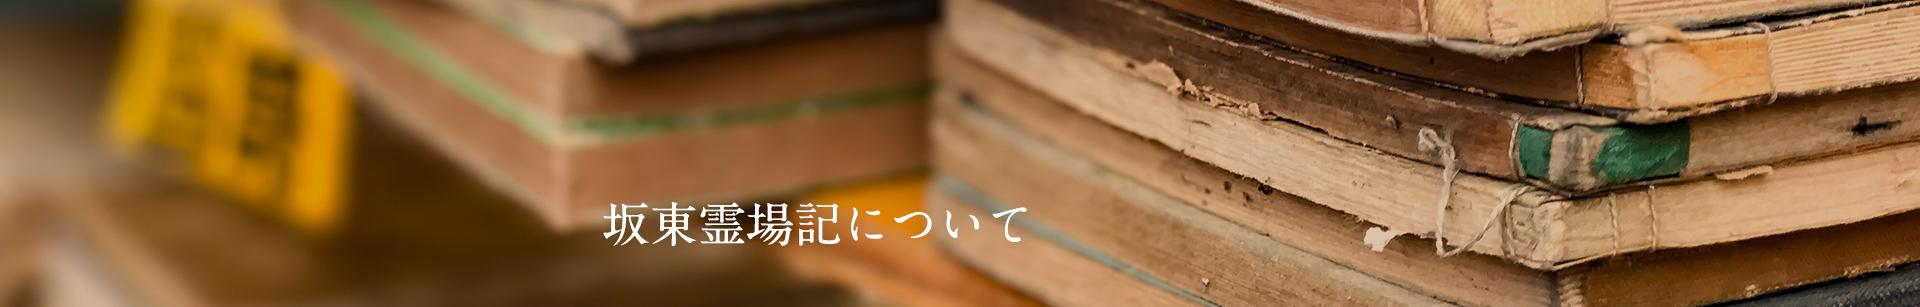 坂東霊場記について